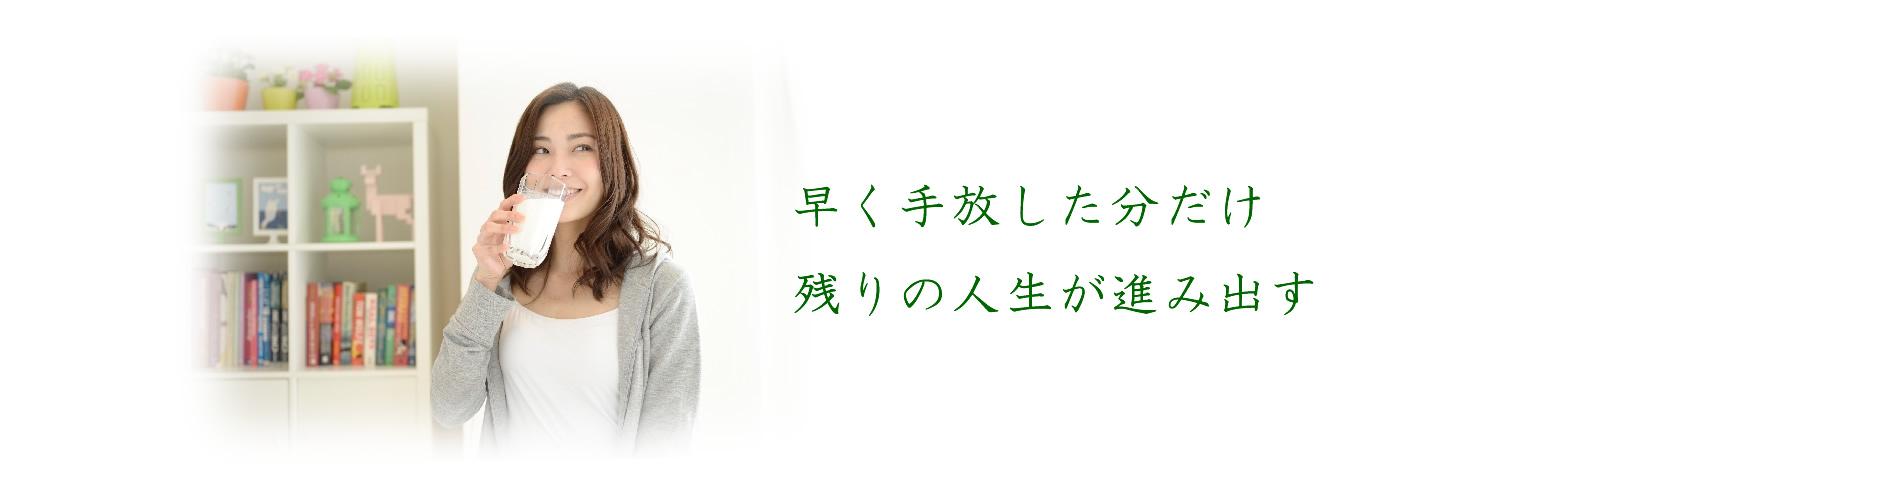 アダルトチルドレン専門カウンセリング(京都)「早く手放した分だけ人生が進む」